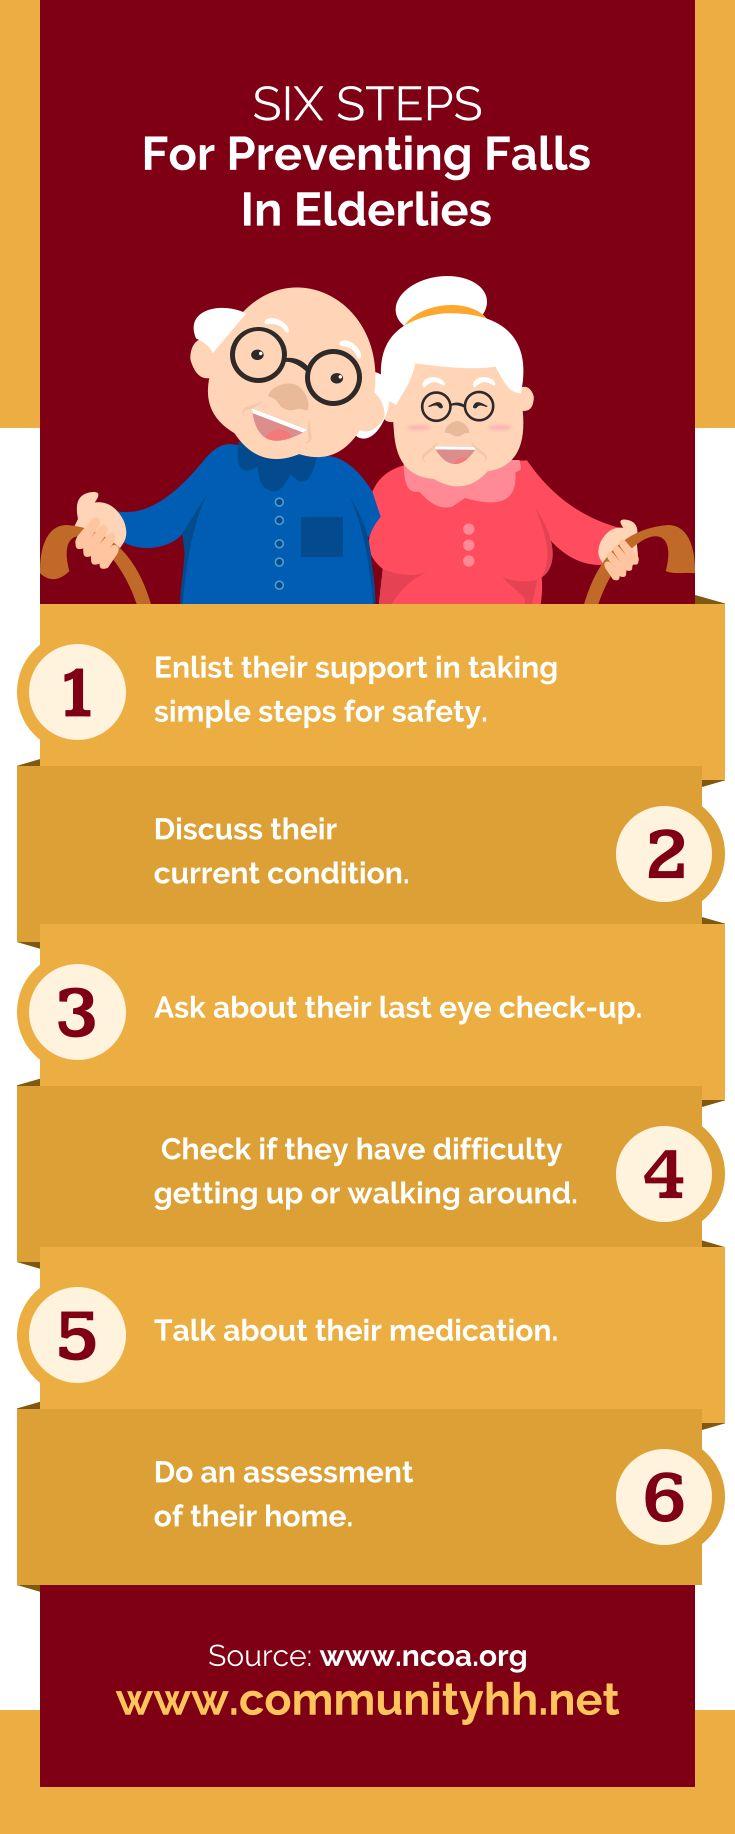 Home Falls in elderly, Fall prevention, Prevention